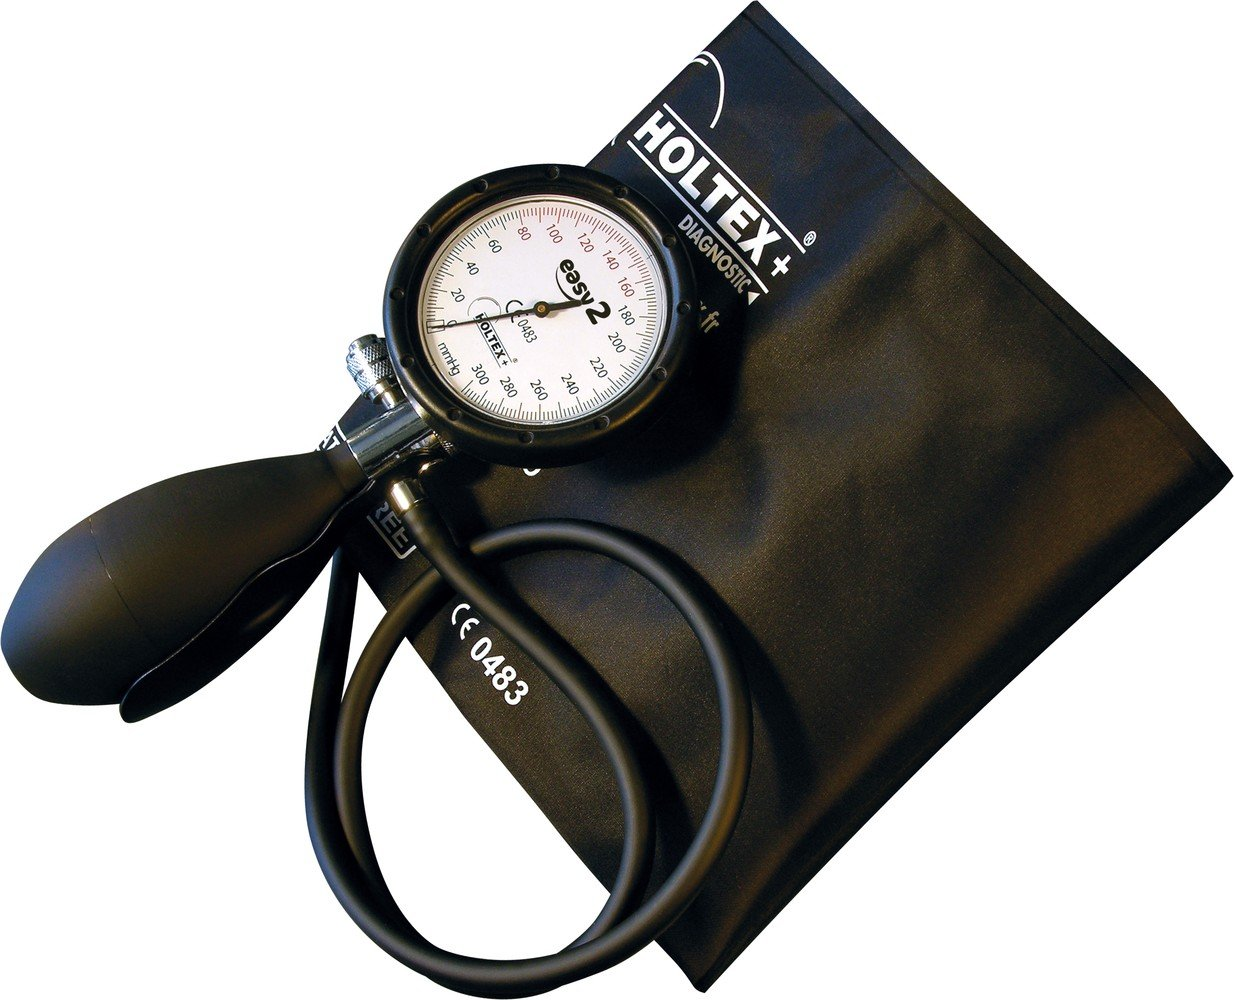 Holtex ds99320 Easy 2 - Tensiómetro, brazalete sin bolsillo, adulto, Negro: Amazon.es: Industria, empresas y ciencia